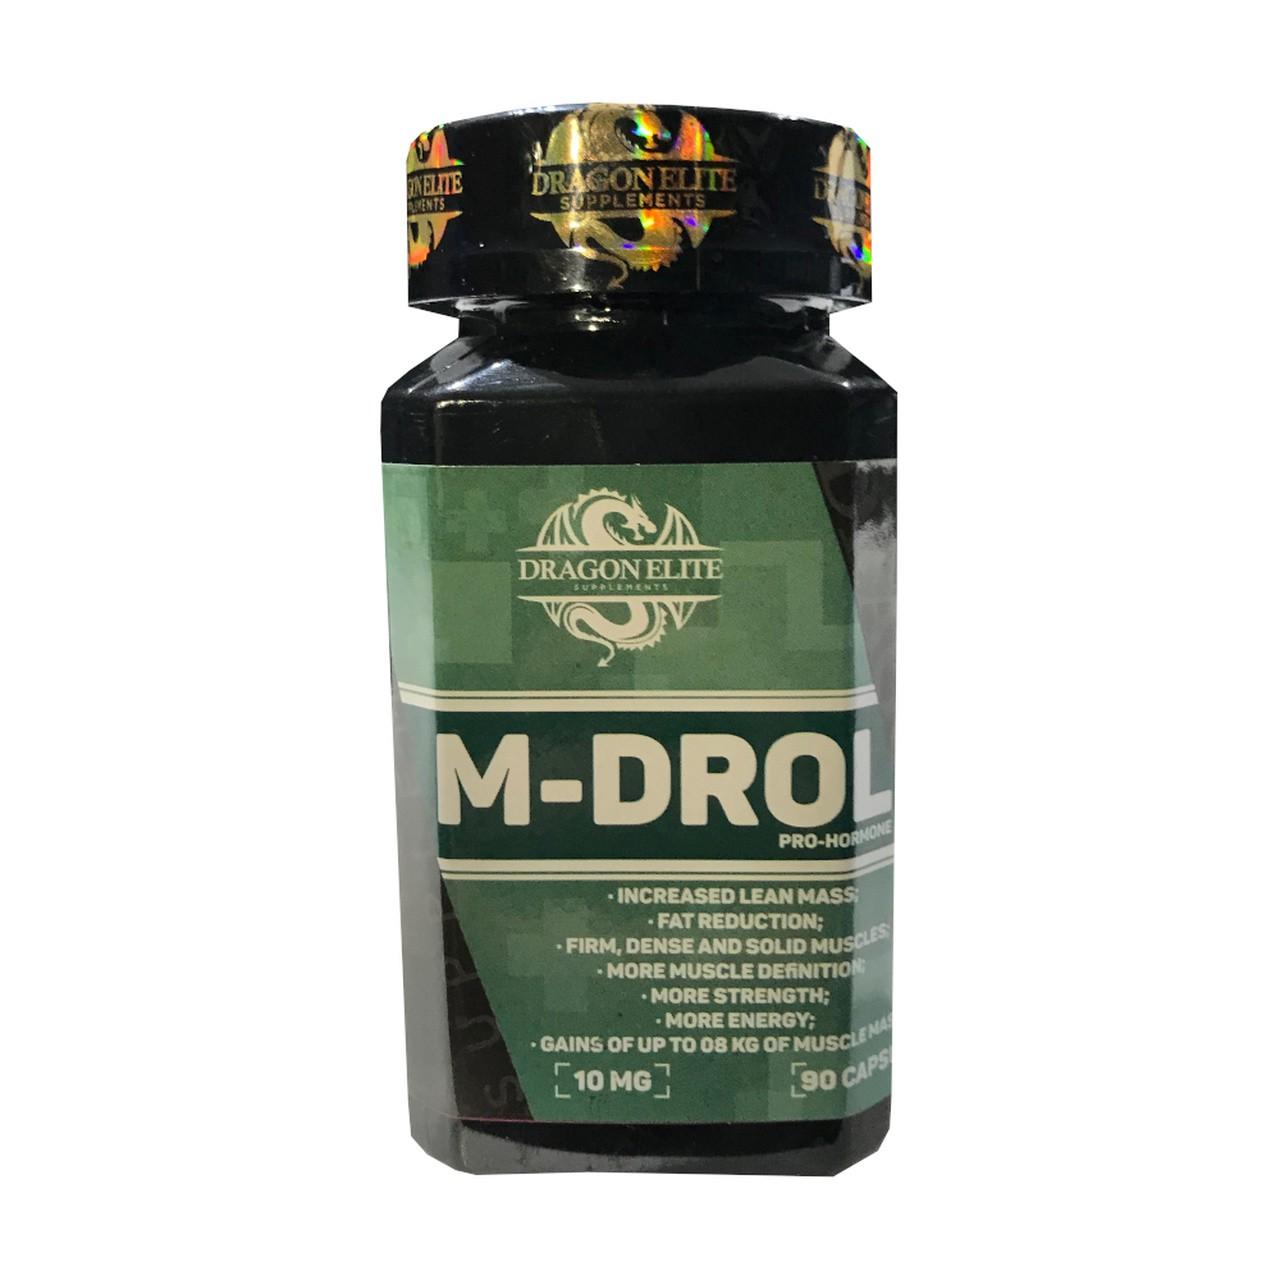 M-Drol 10mg Pró Hormonal (90 Caps) - Dragon Elite